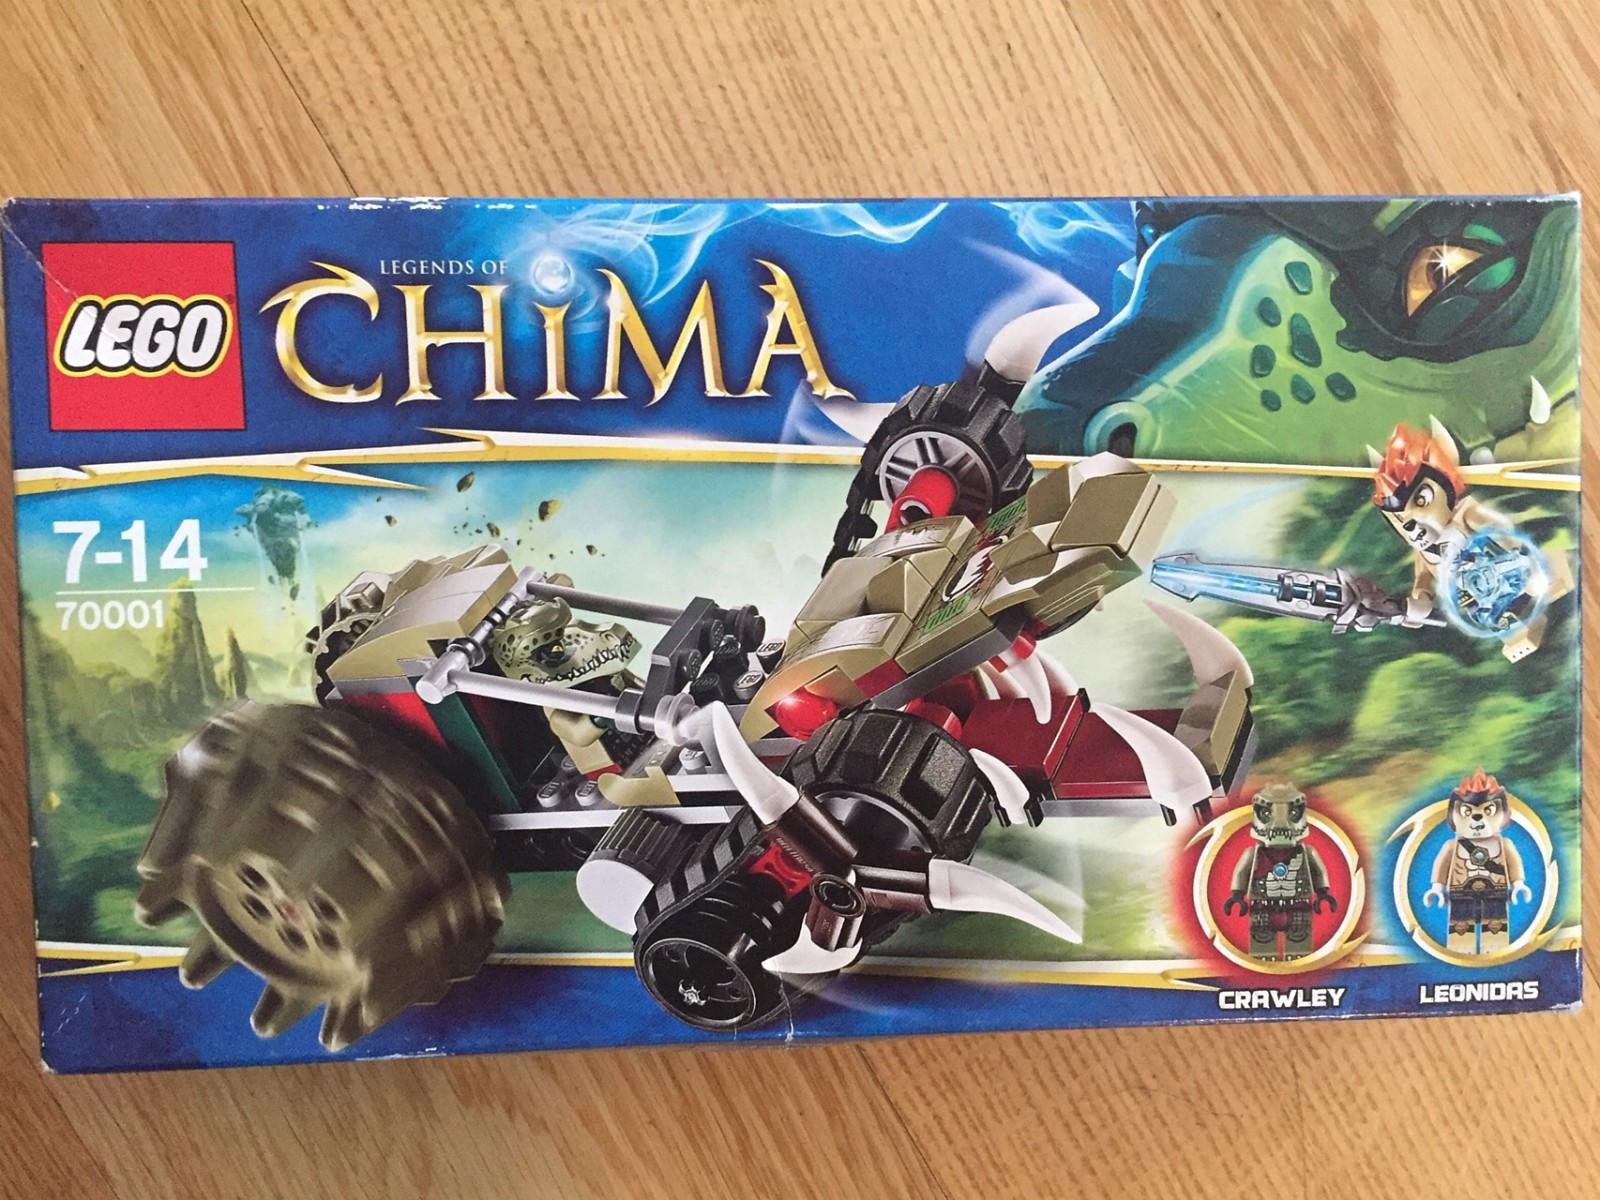 Lego Chima - Hamar  - Lego i uåpnede esker.  Lego Chima 70001. Crawley og Leonidas 100krLego Chima 70139 Sky launch og Eris 100k  Lego 40180 Brictober Theater 50kr - Hamar